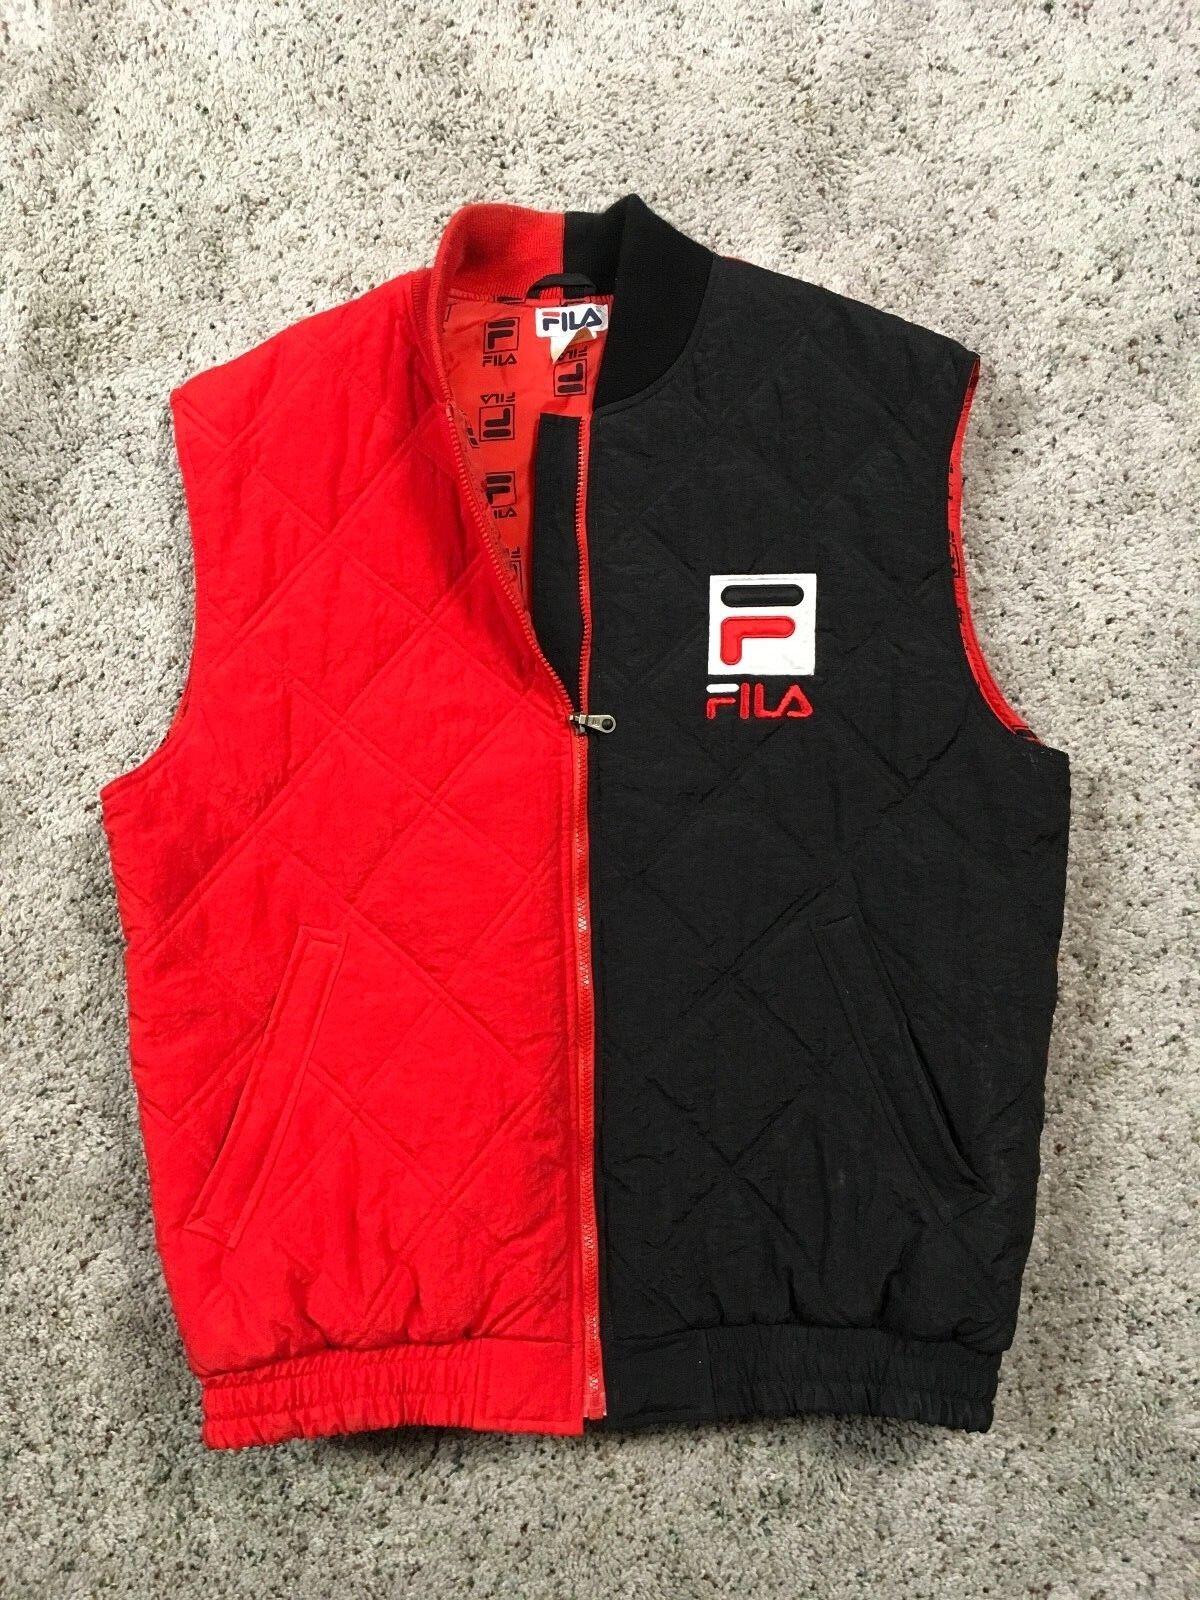 Fila Vintage Big Logo Vest Large